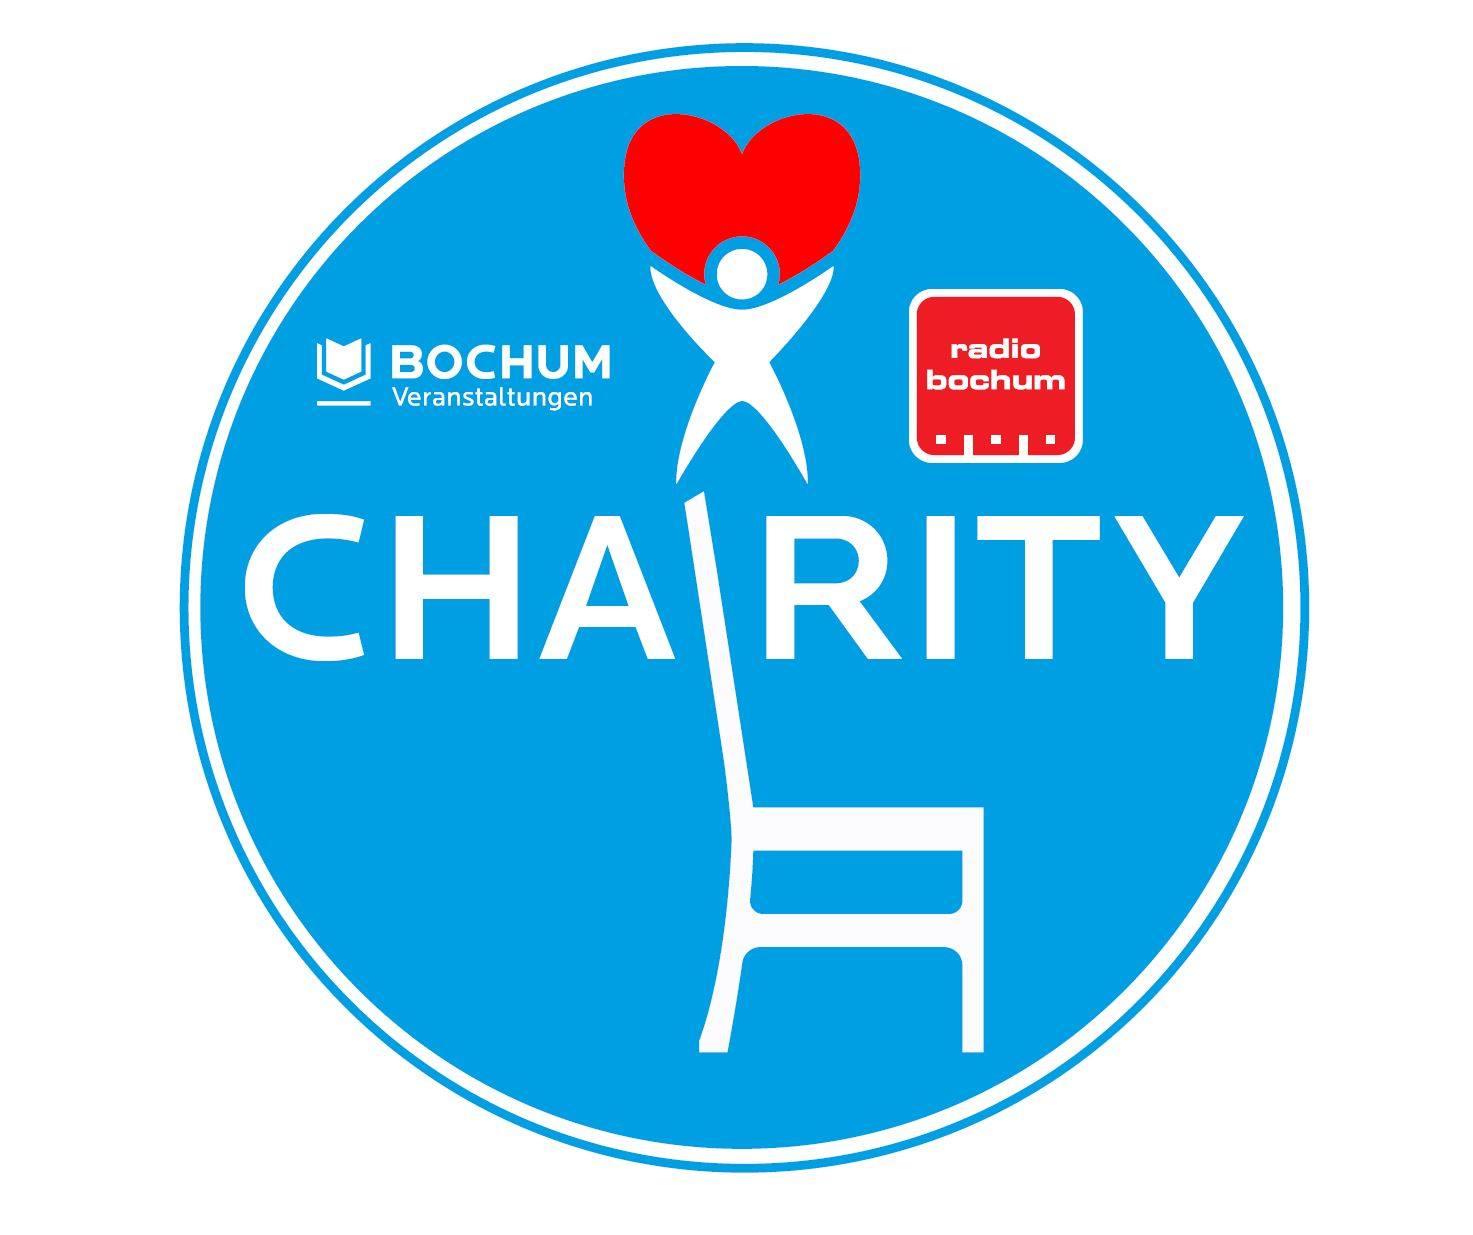 chairity Bochumer Veranstaltungs-GmbH